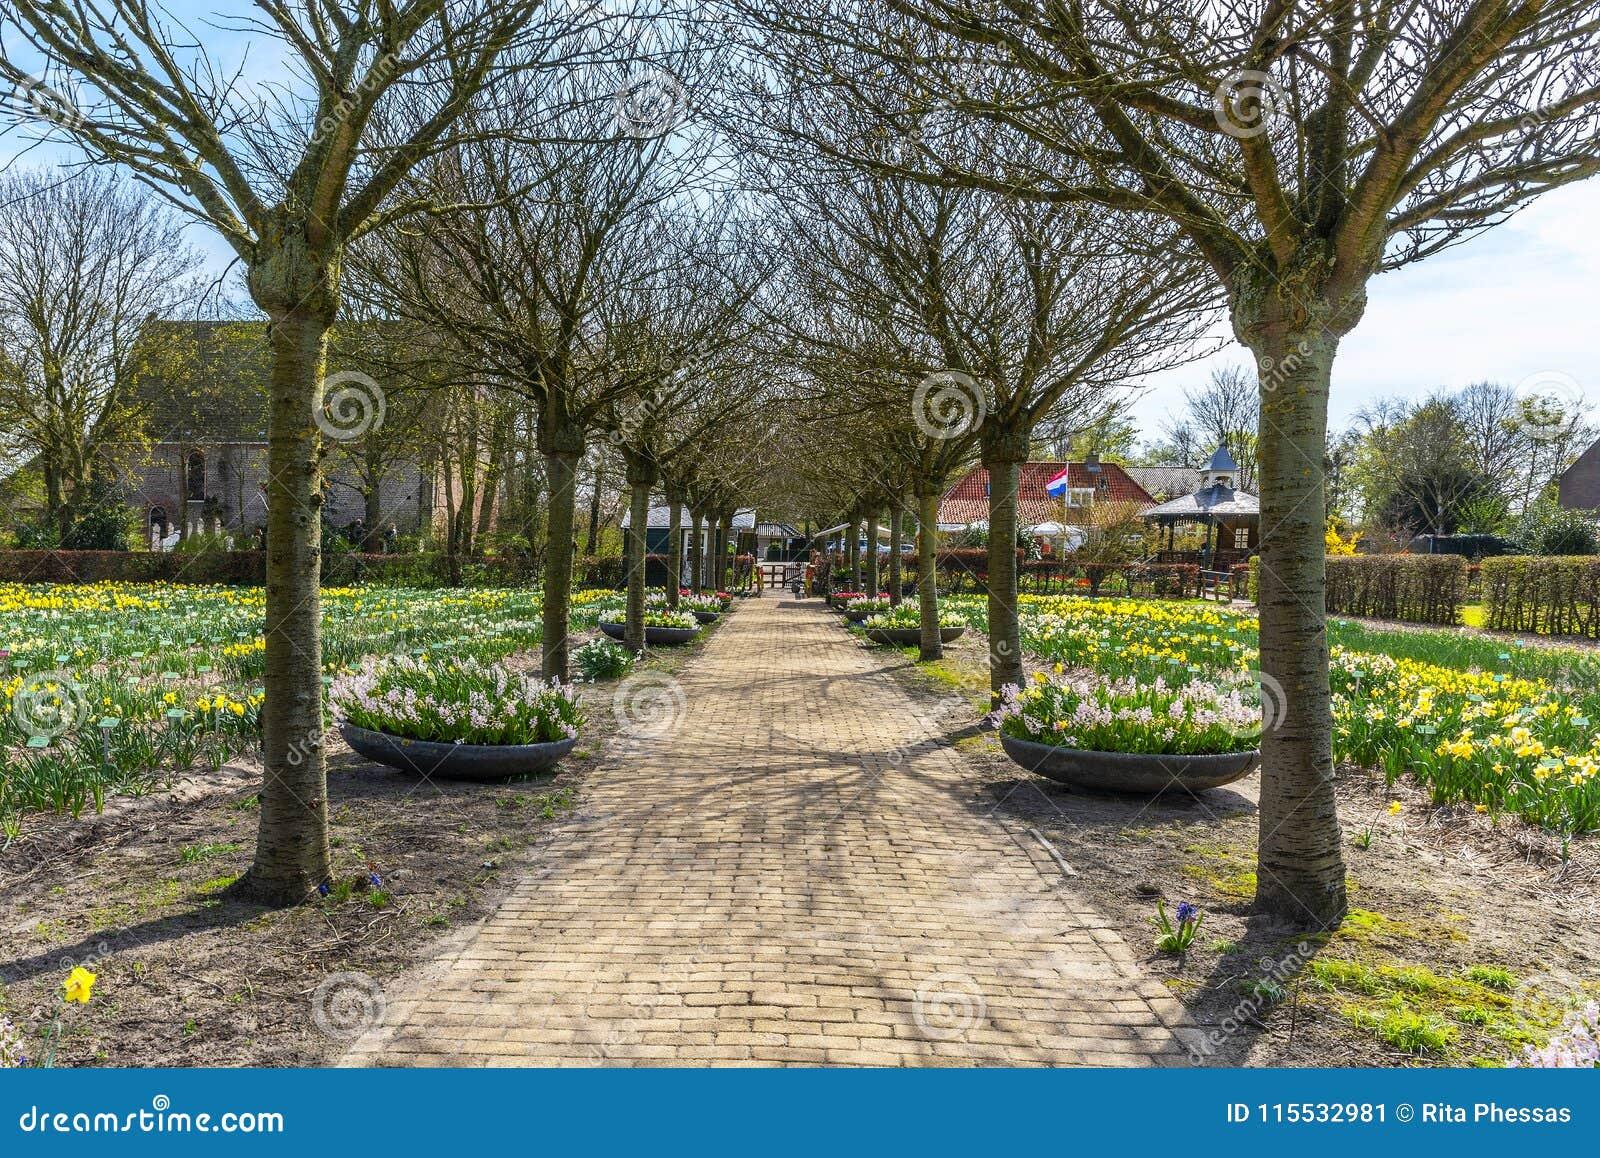 Holland maart, de lentemening van 2018 van een lange rij van nog naakte bomen, met gebieden en bloemdozen van gele en witte gele